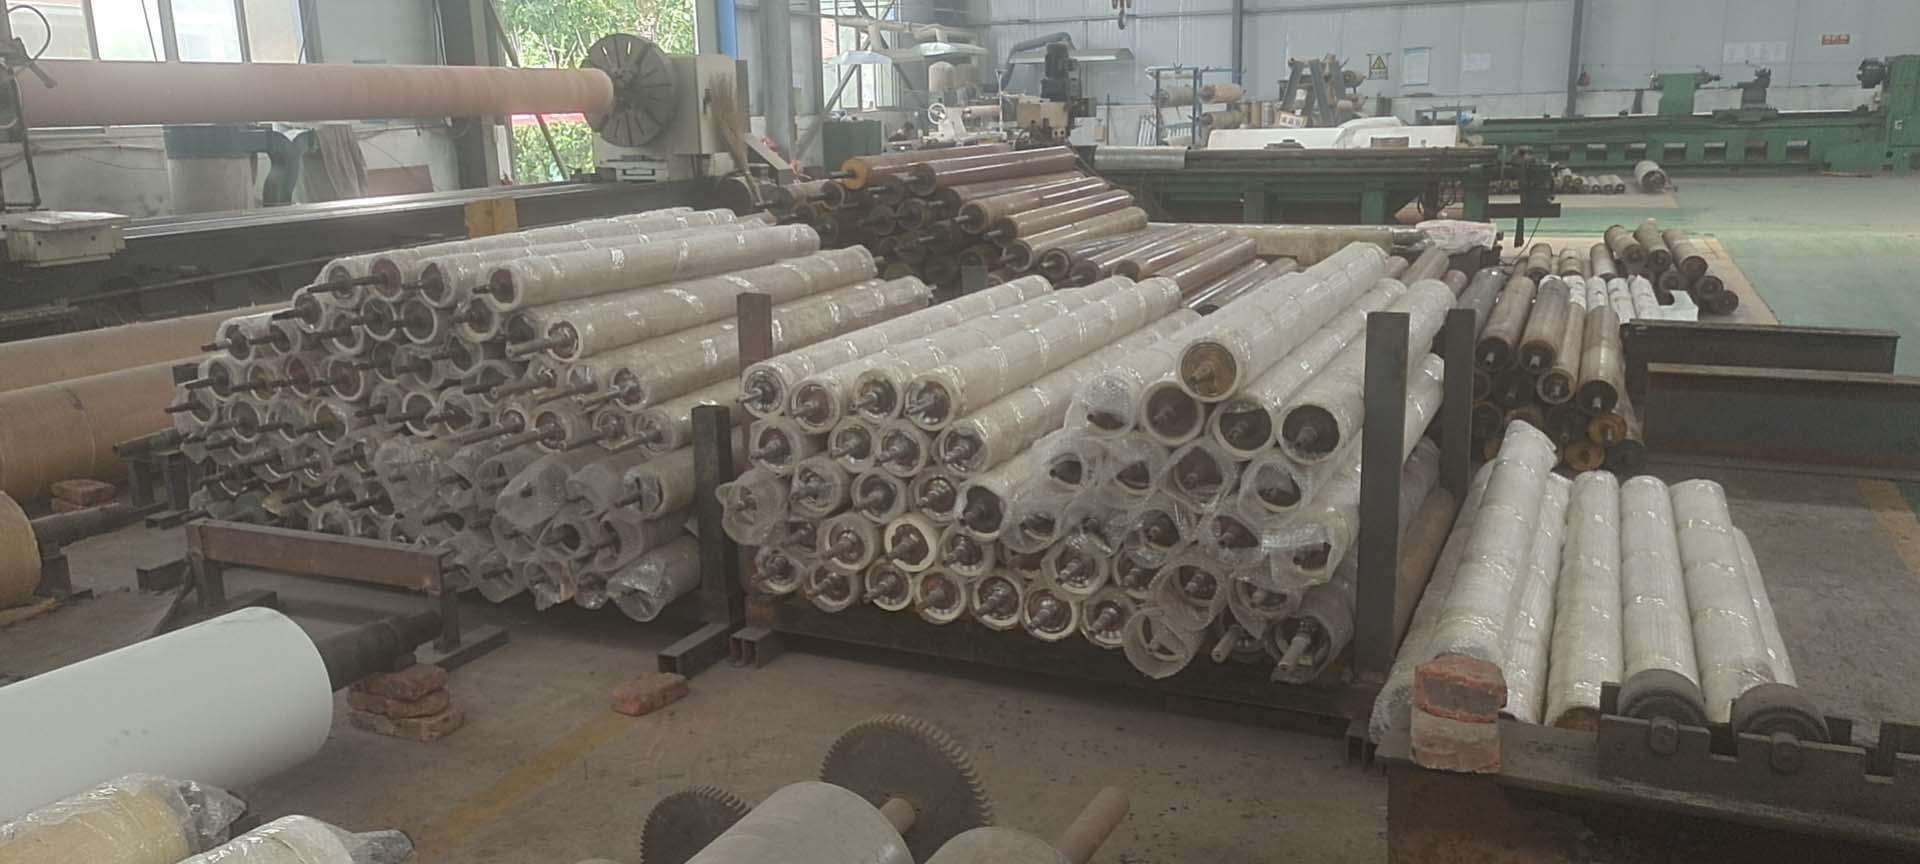 橡胶辊厂-淄博哪里有供应高质量的橡胶辊